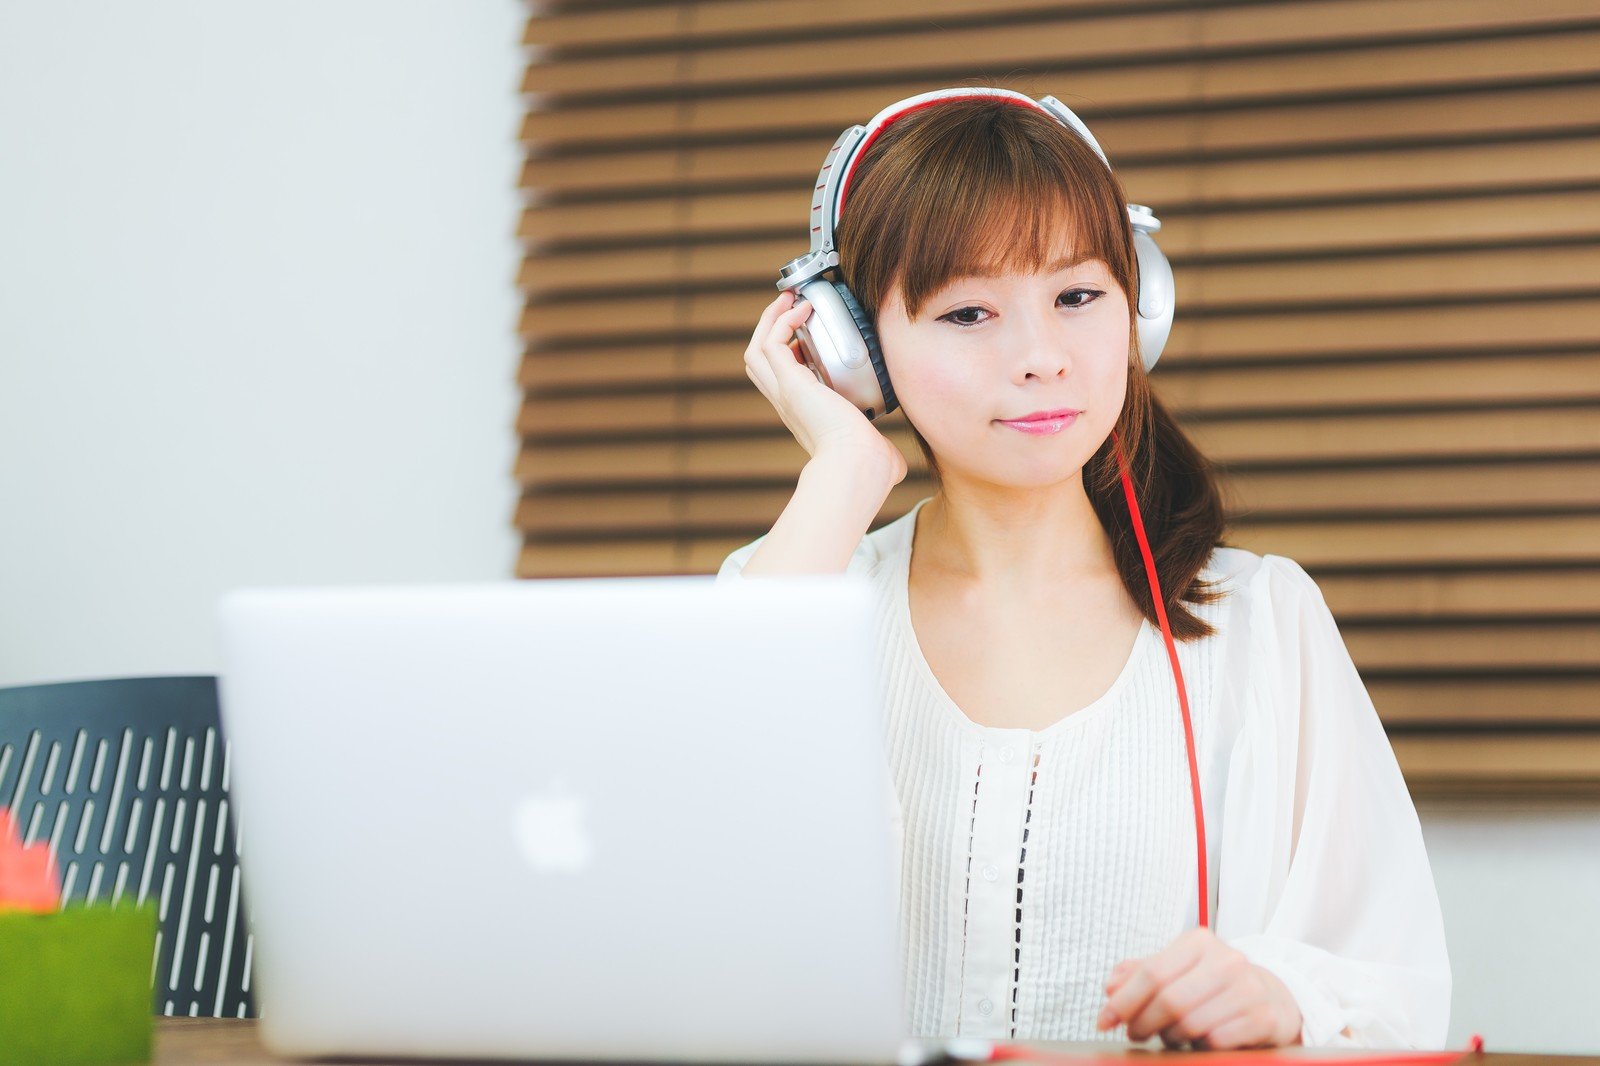 安室奈美恵 ベストアルバム タイトル 収録曲 発売日 特典 画像